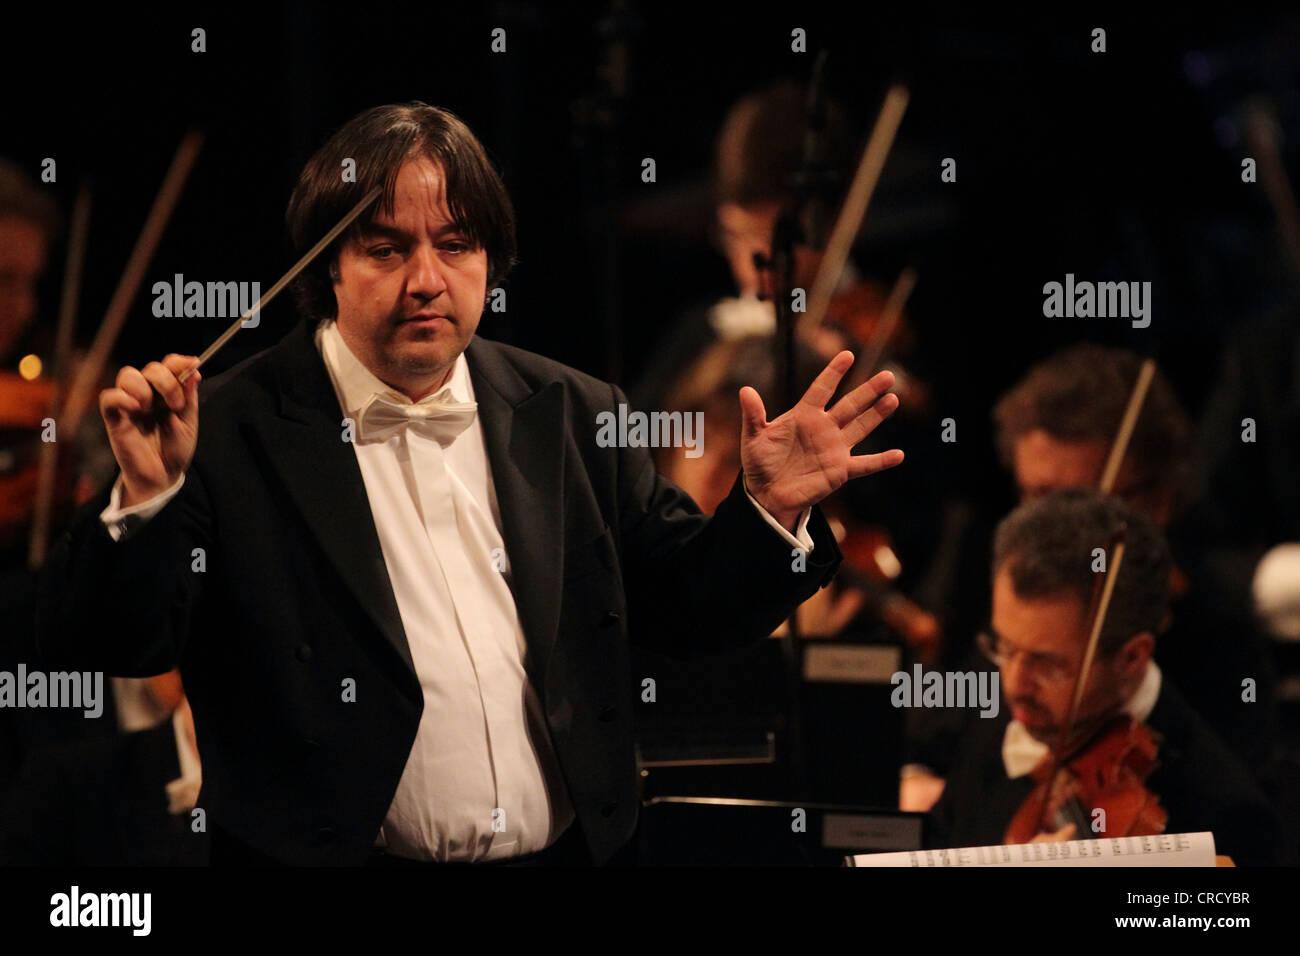 Stefan Blunier, chef d'orchestre de l'ORCHESTRE Beethoven de Bonn, Koblenz, Rhénanie-Palatinat, Allemagne, Photo Stock